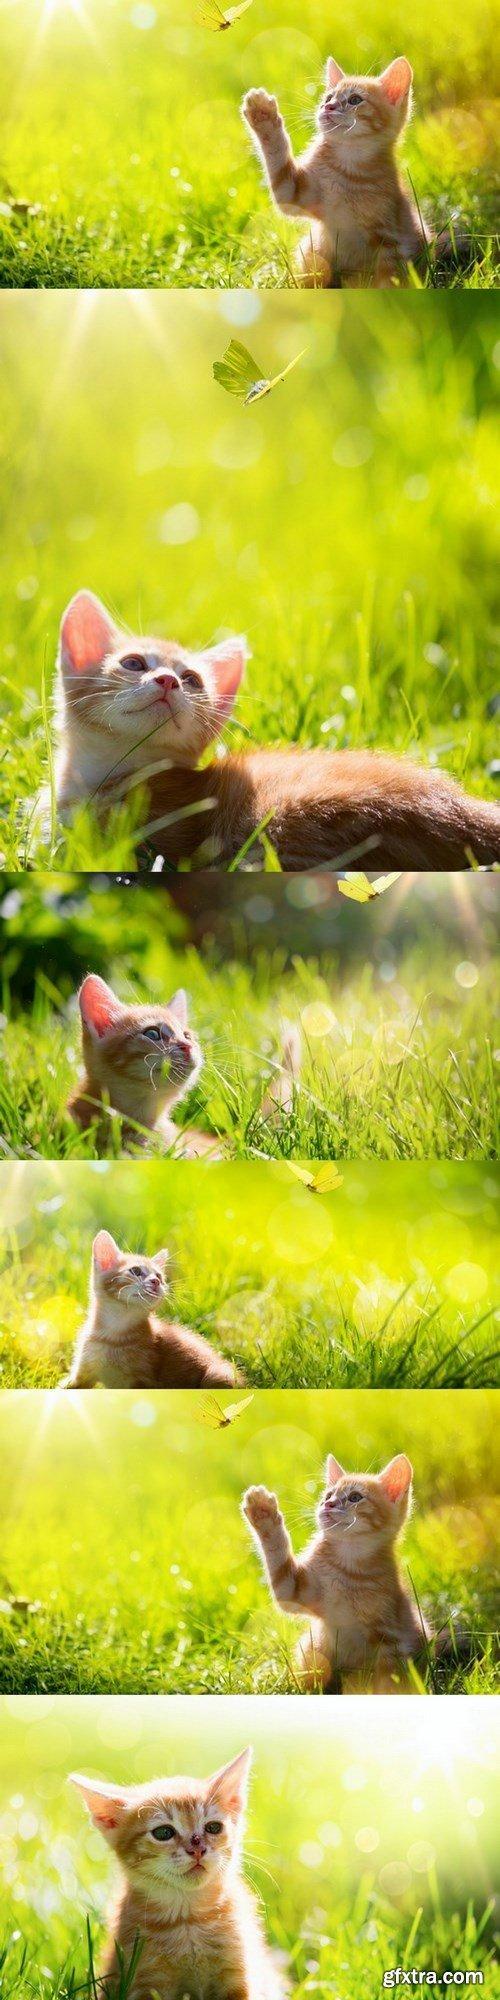 Kitten -6 UHQ JPEG